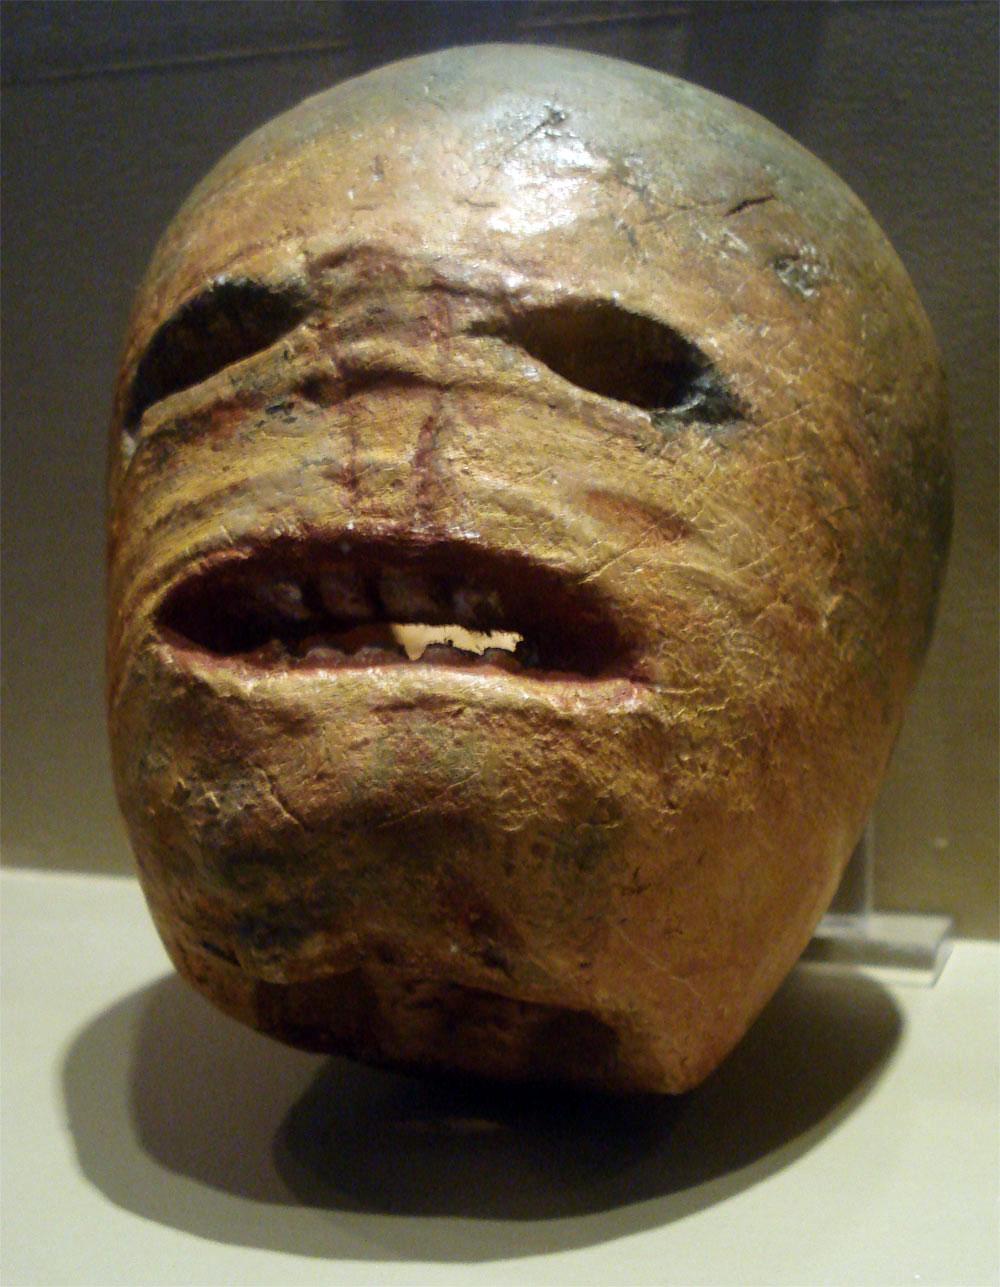 Irish turnip jack-o-lantern